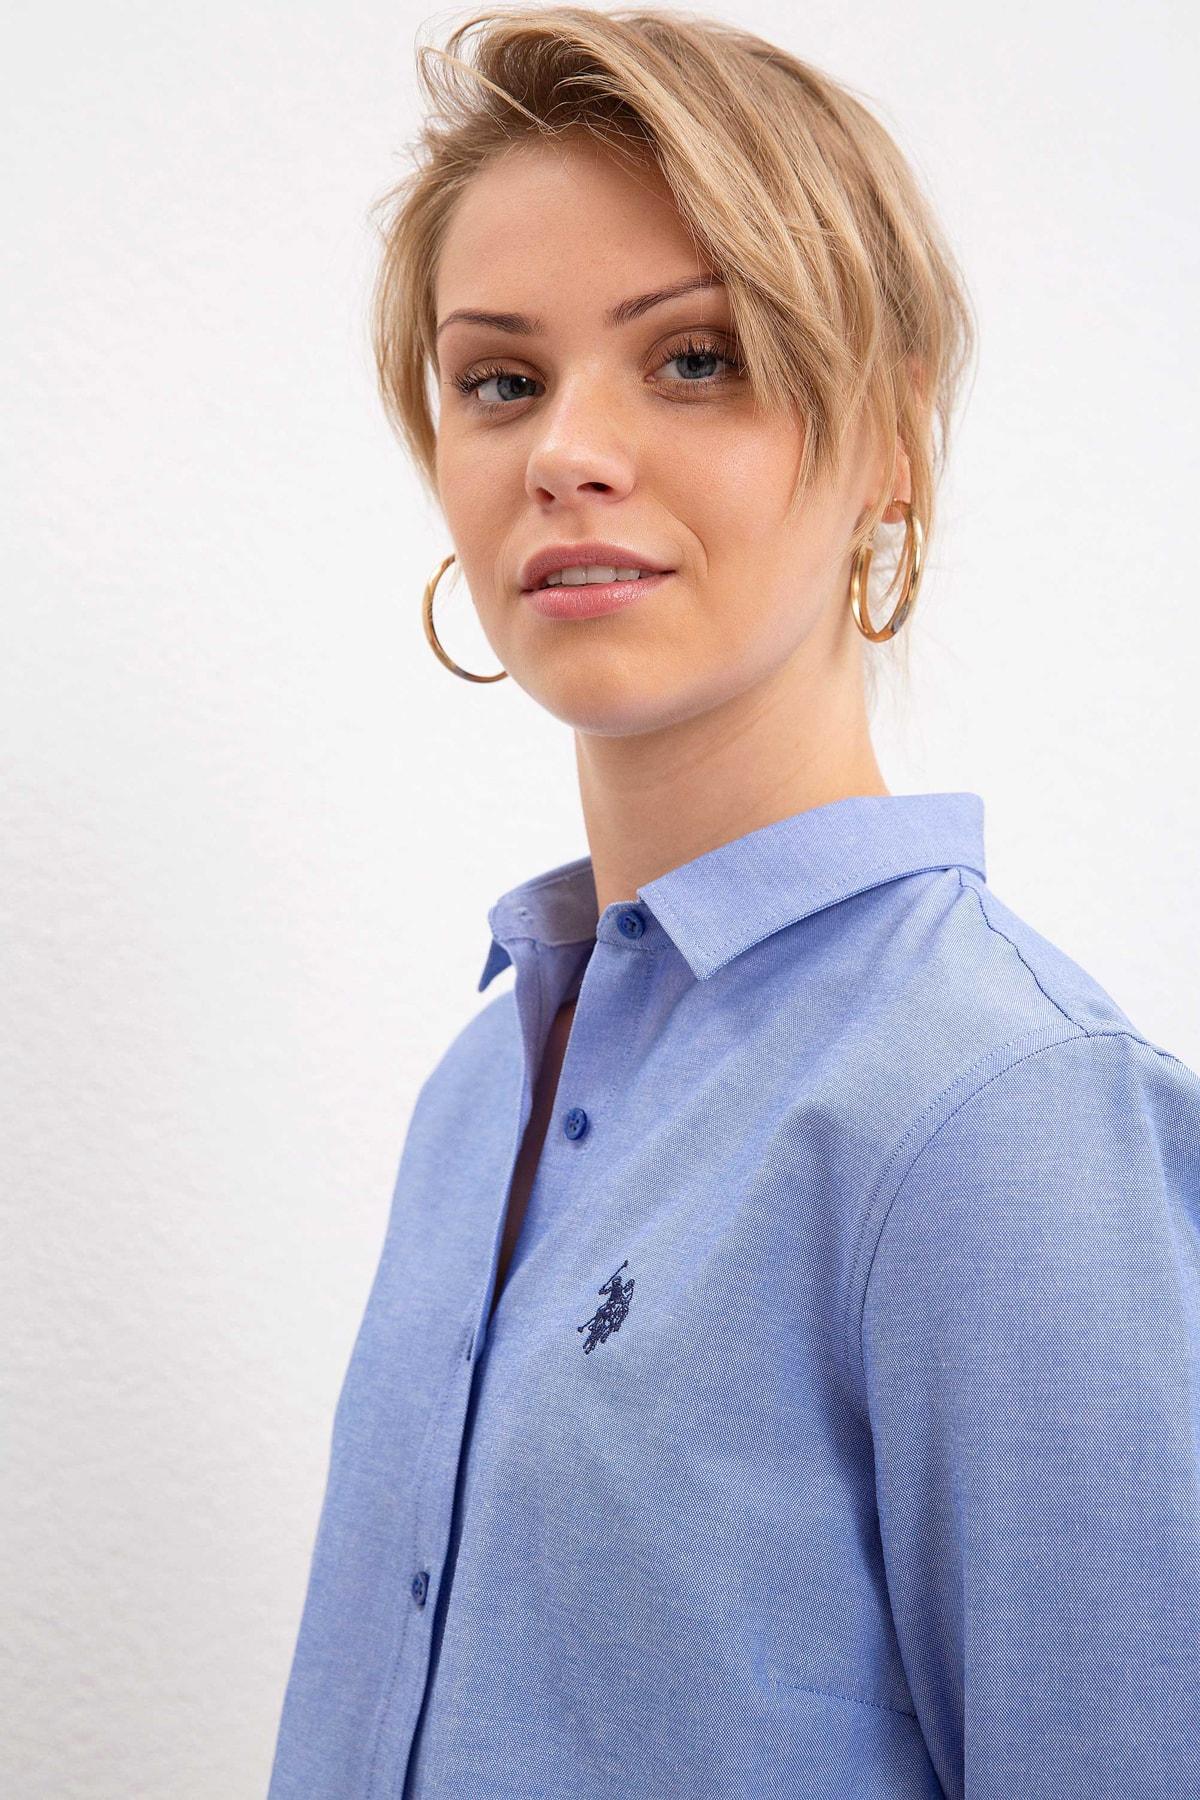 U.S. Polo Assn. Kadın Gömlek G082GL004.000.1177173 2